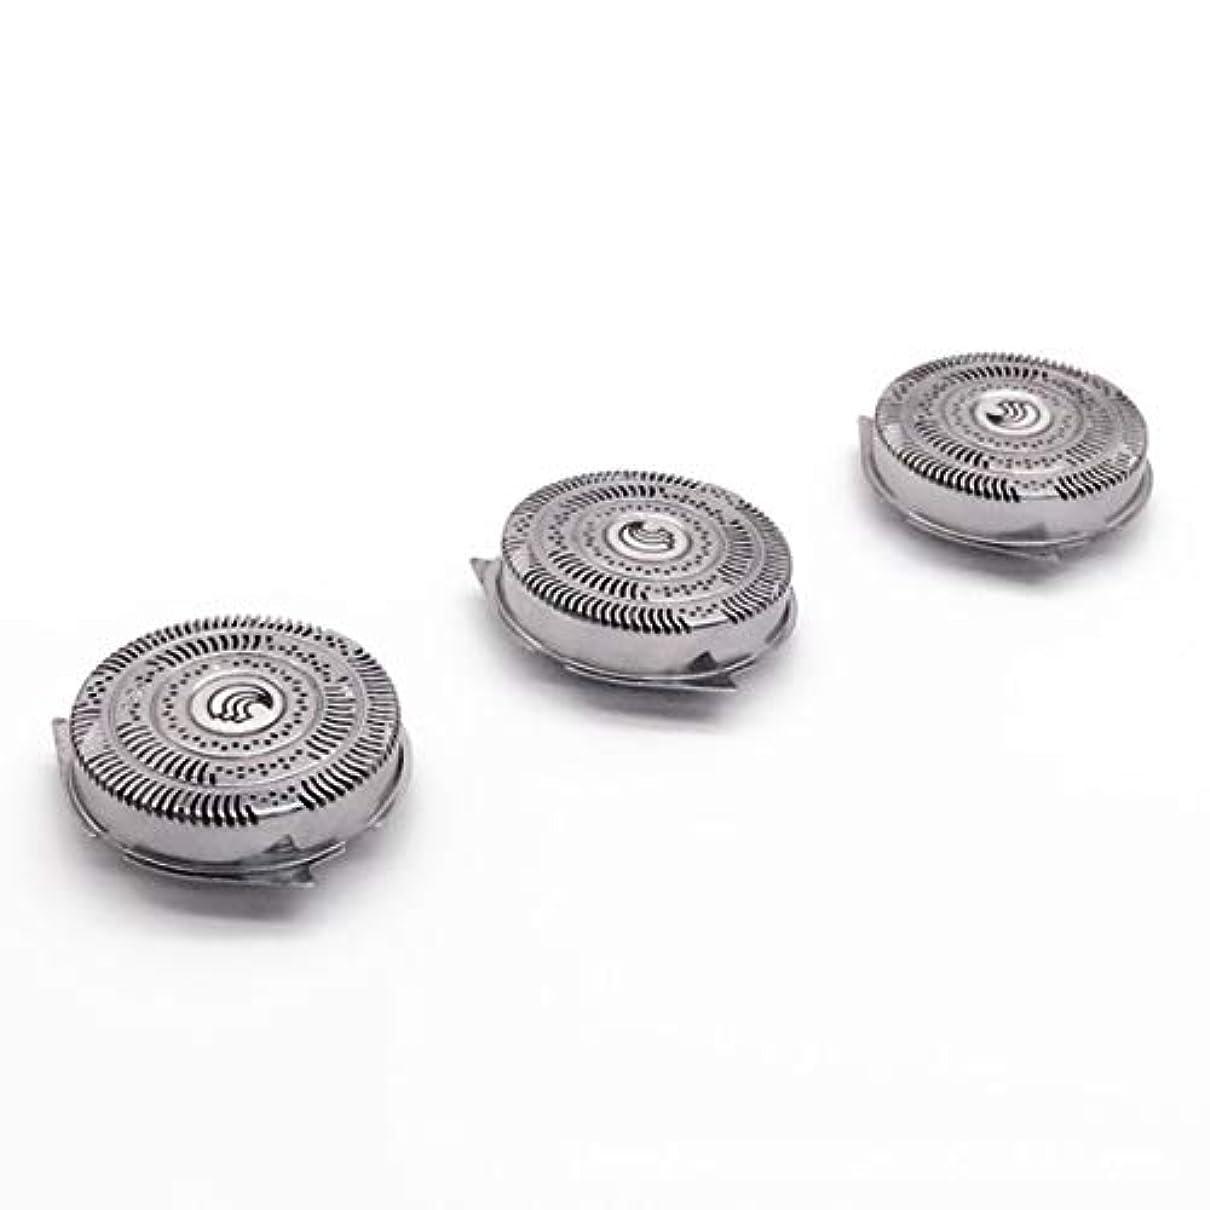 デコラティブフライカイト制約Intercorey 3ピースシェーバーかみそり刃シェービングヘッド交換用フィットPhilips HQ9070 HQ9080 HQ8240 / 8260 PT920ロータリーシェーバーアクセサリー